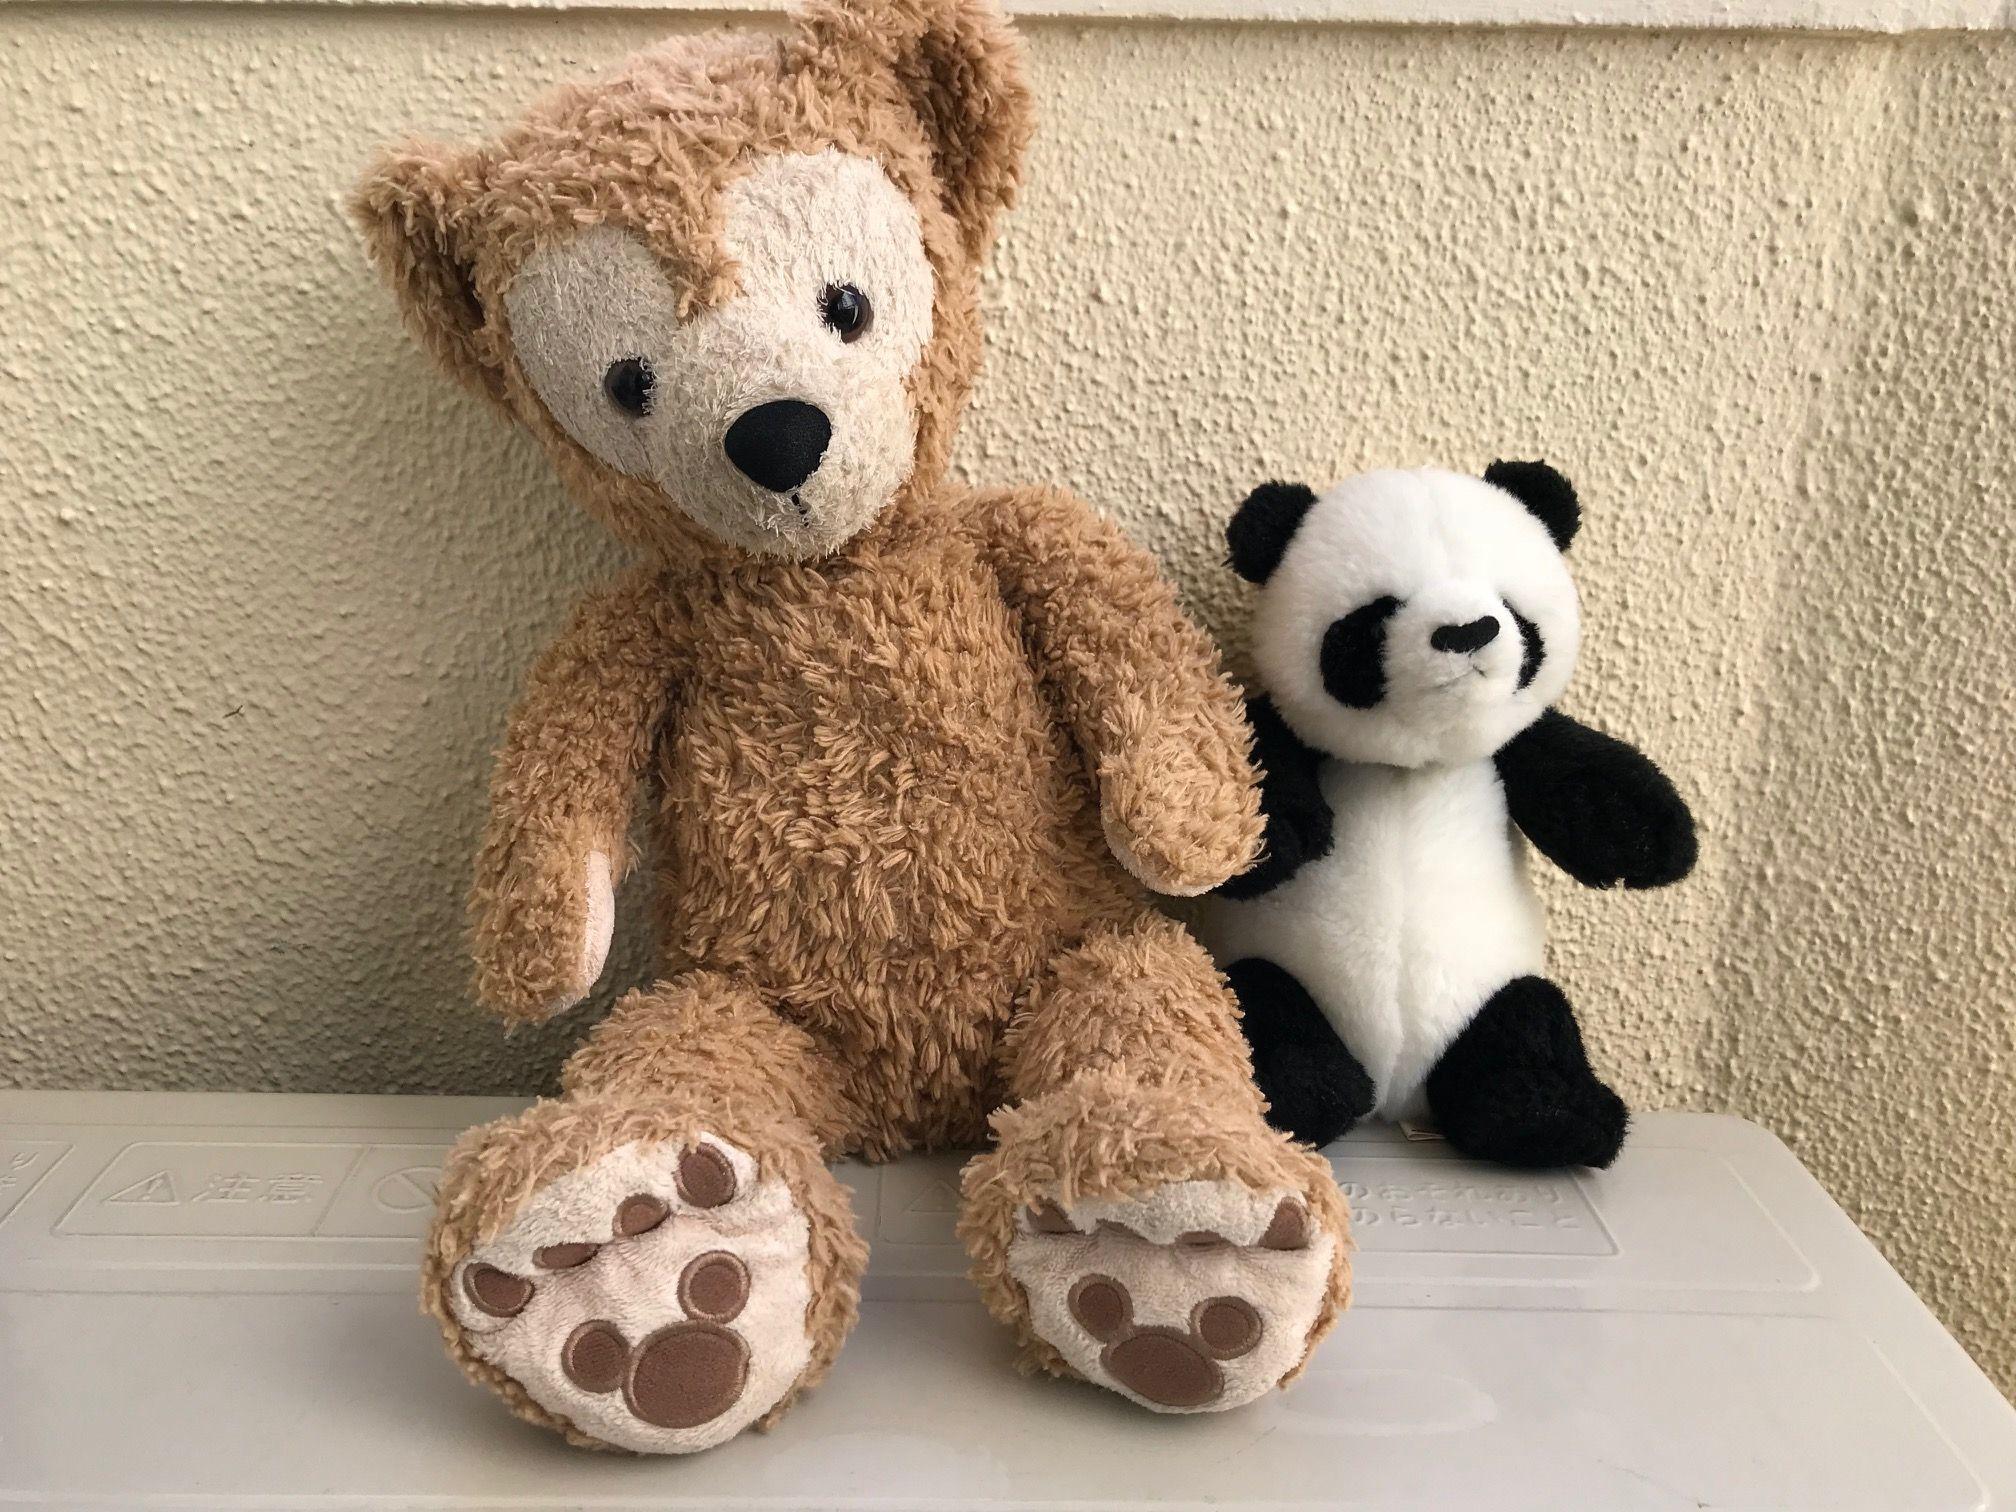 ちょっぴりくたびれているダッフィーとパンダ